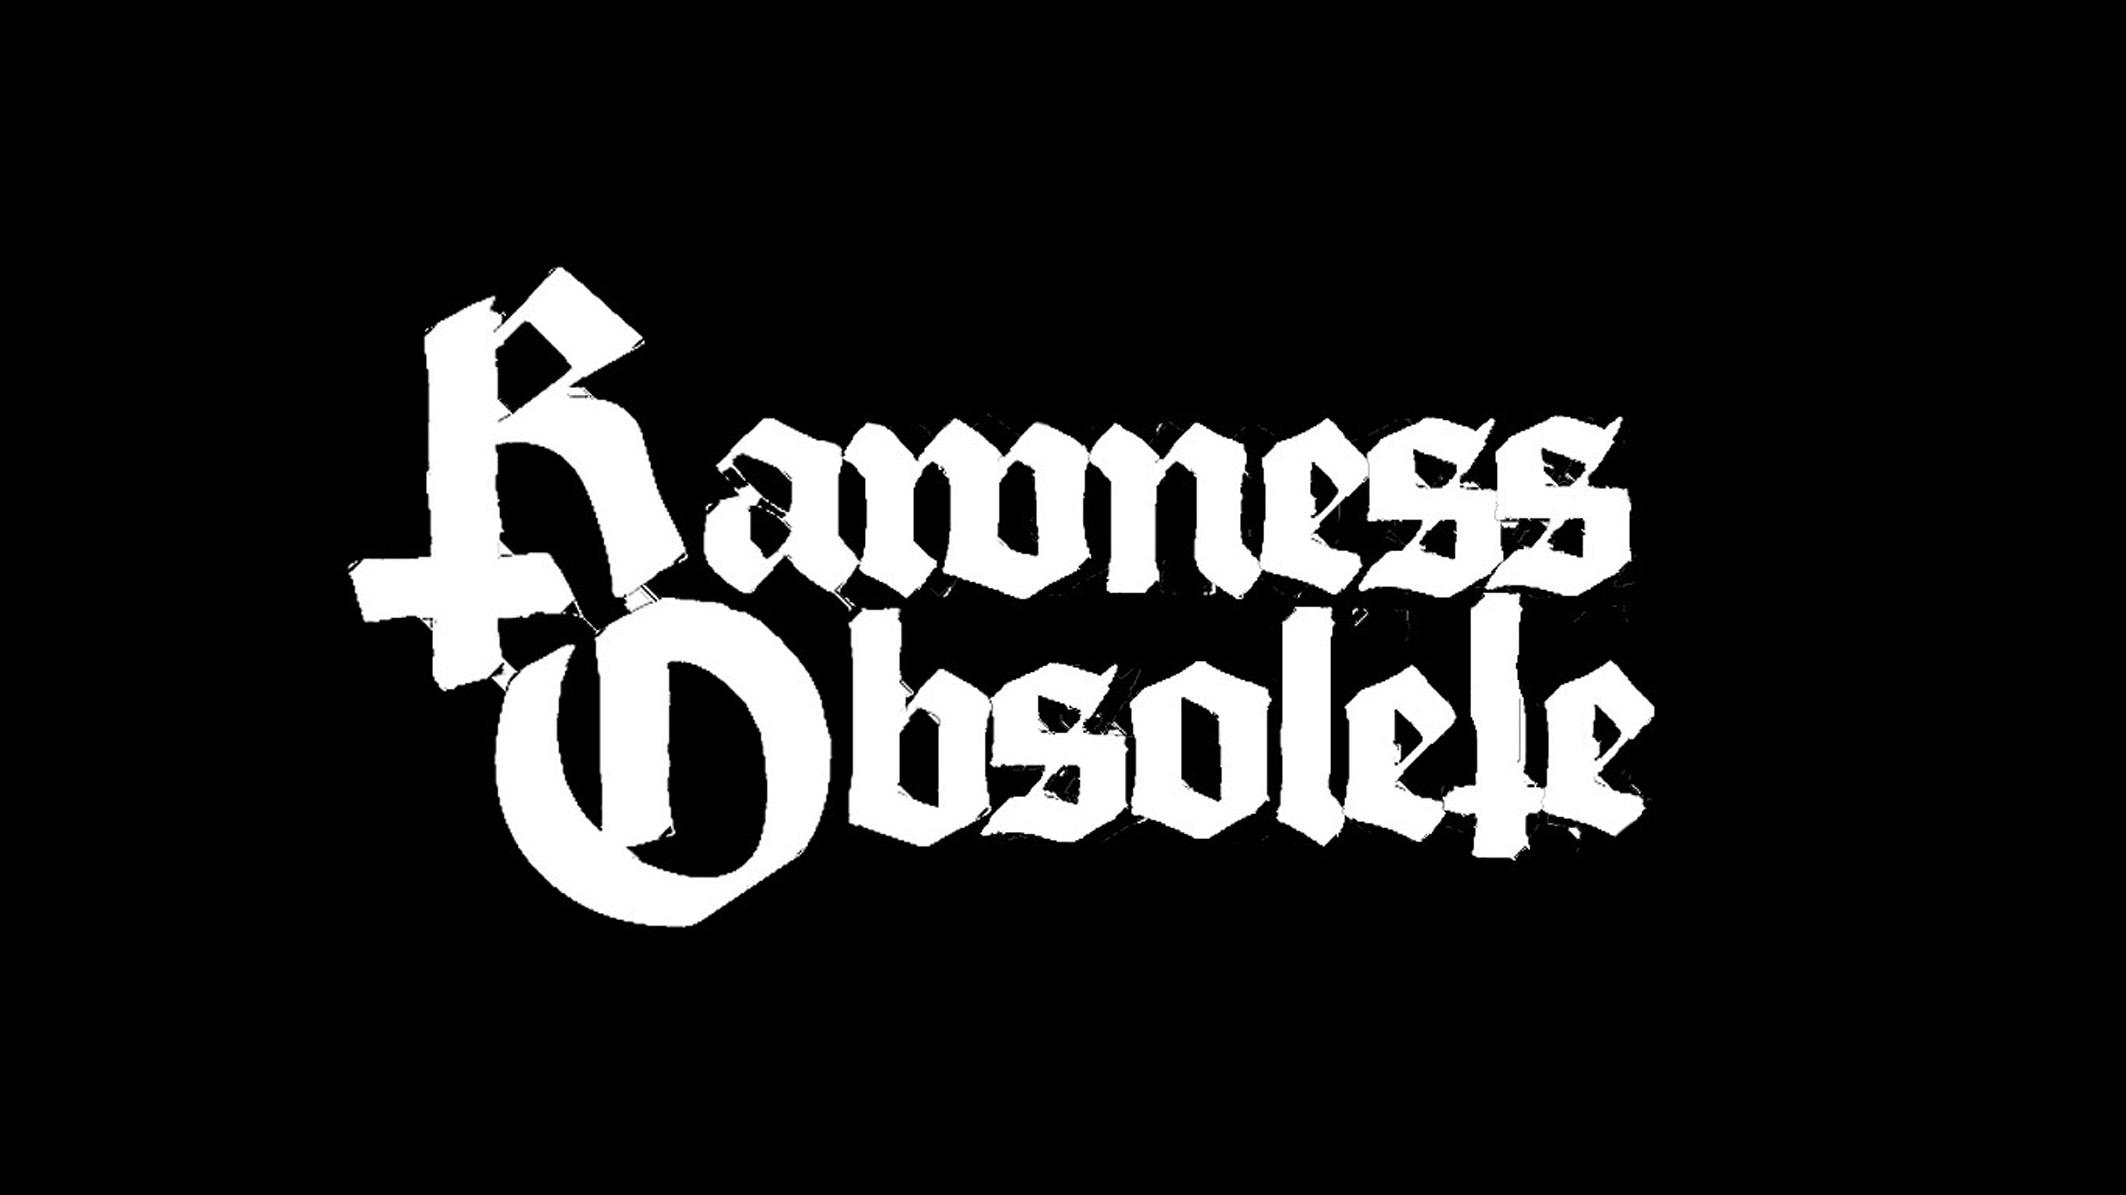 Qui dove tutto è sepolto: Una ode al ruggente passato dell'elegante Firenze – Il nuovo album dei Rawness Obsolete